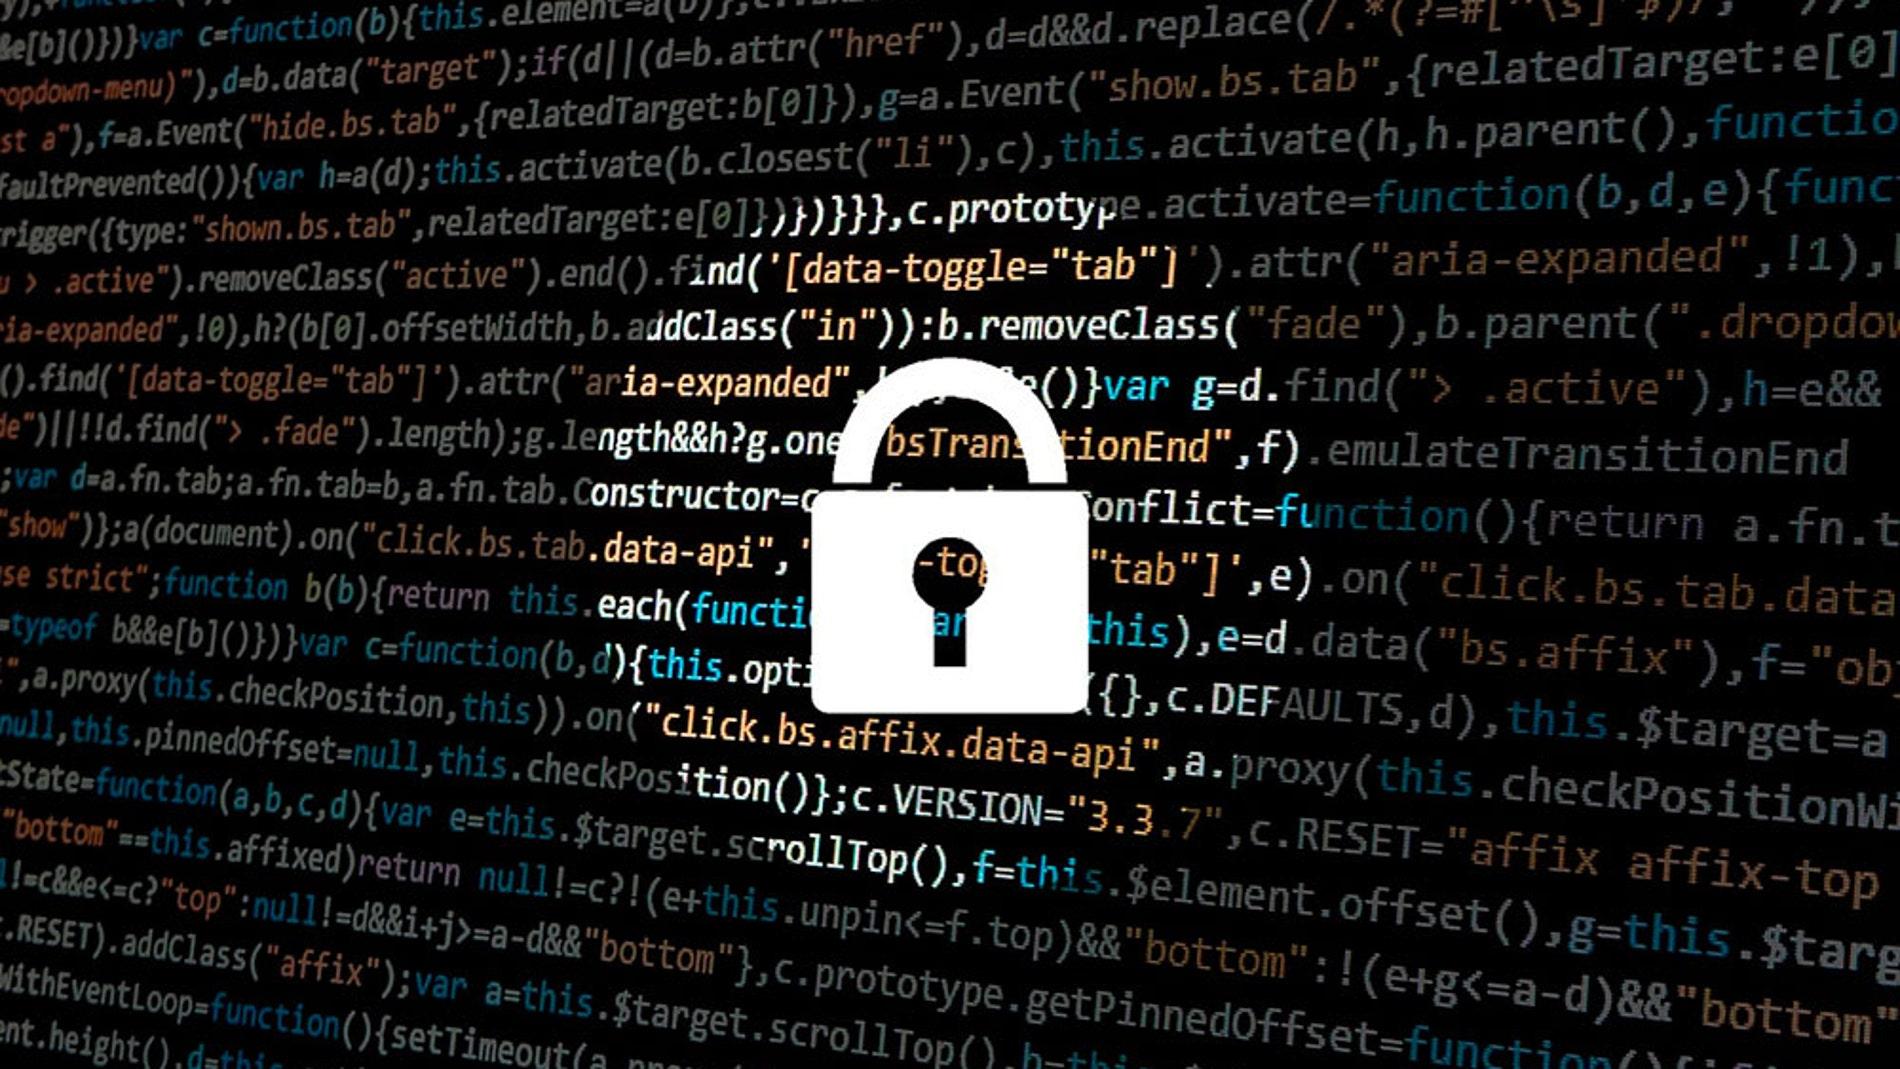 De '123456' a 'donald', las contraseñas menos seguras y más usadas en 2018